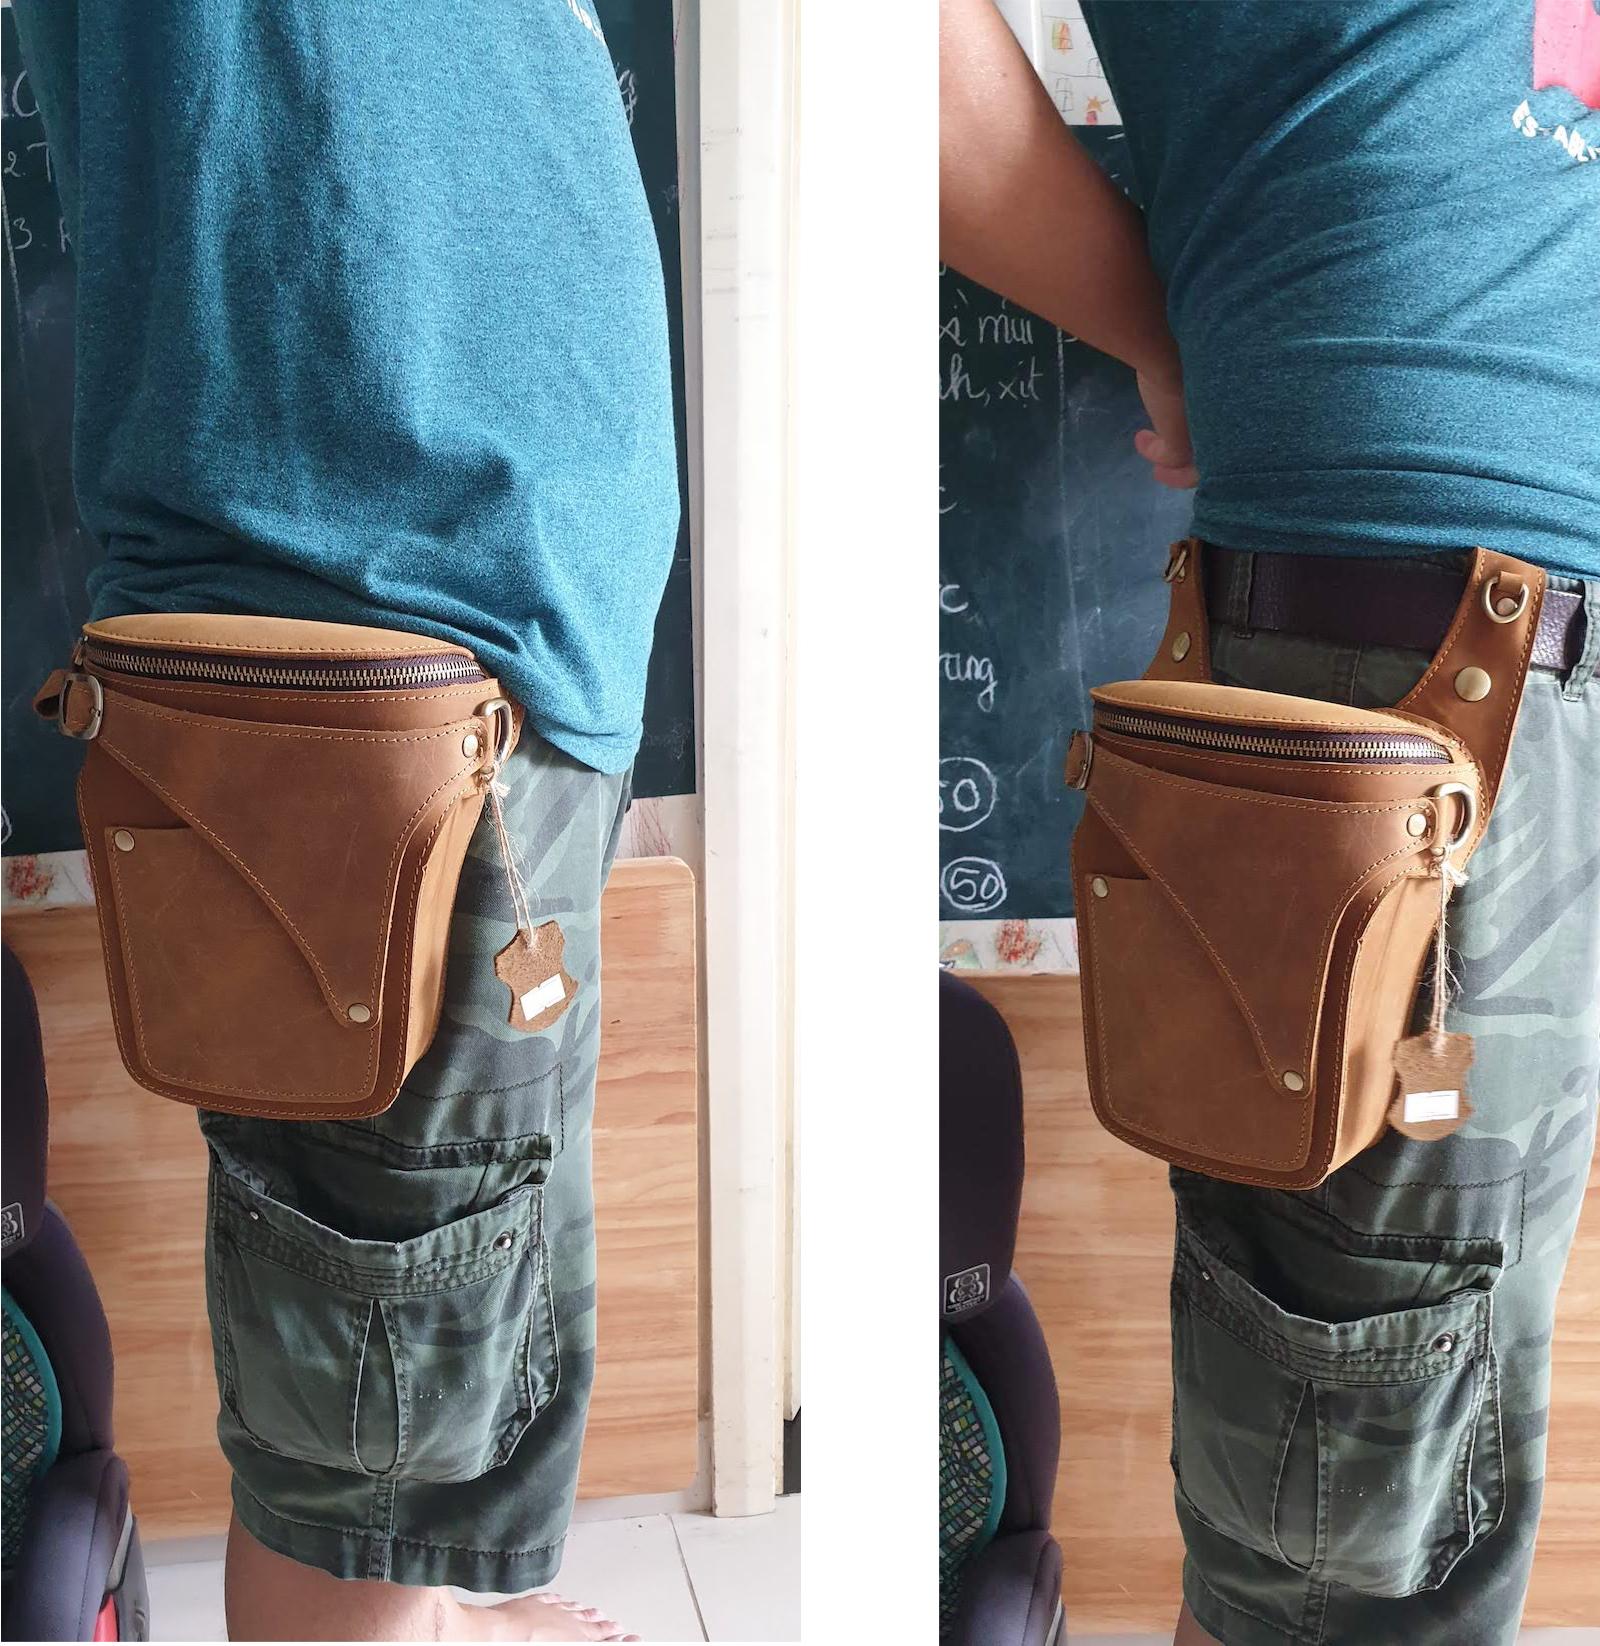 Túi đeo thắt lưng du lịch - Da ngựa